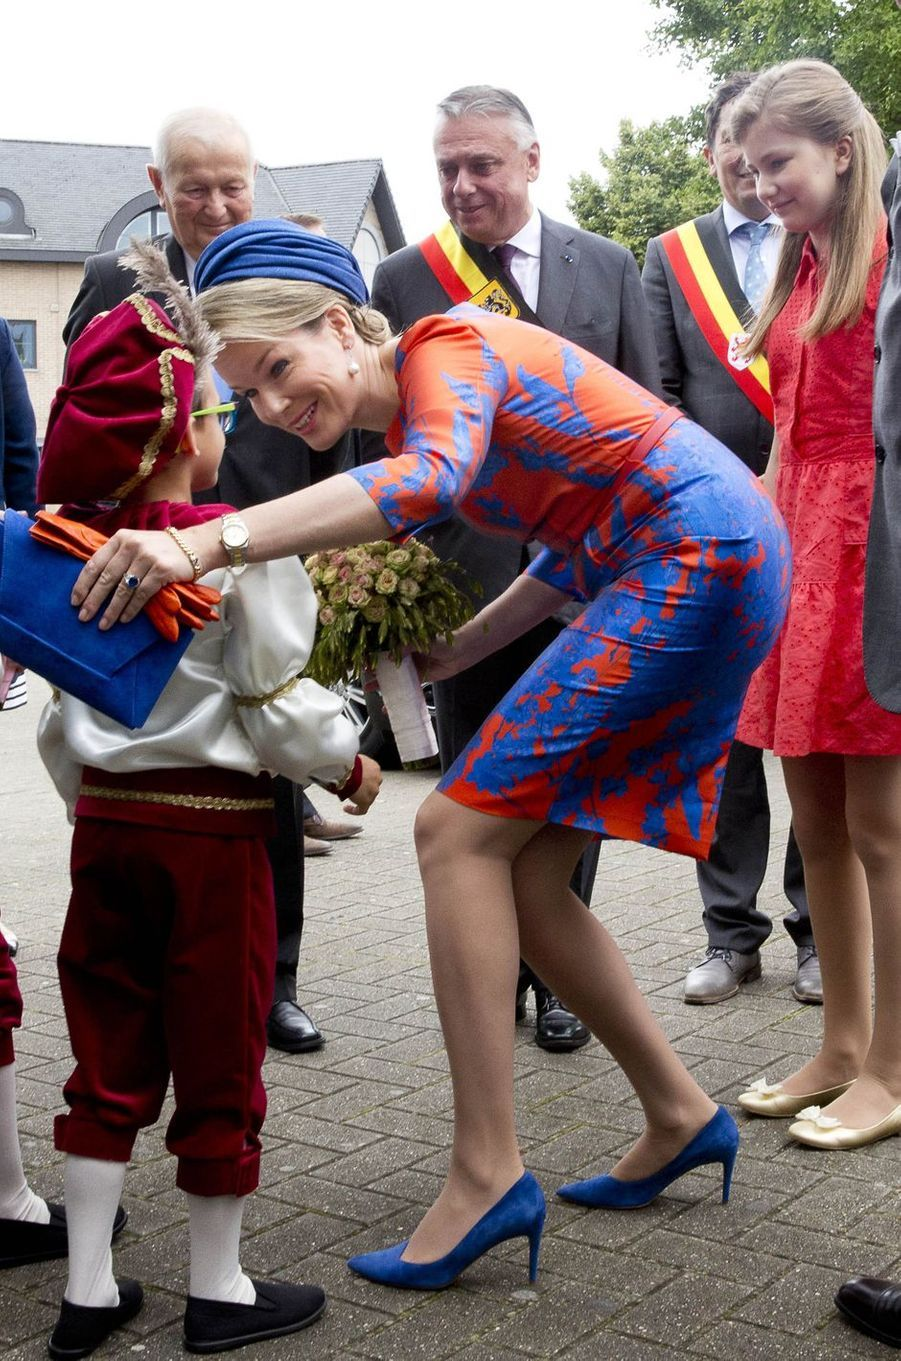 La princesse Elisabeth avec la reine Mathilde de Belgique à Tongres, le 1er juillet 2016